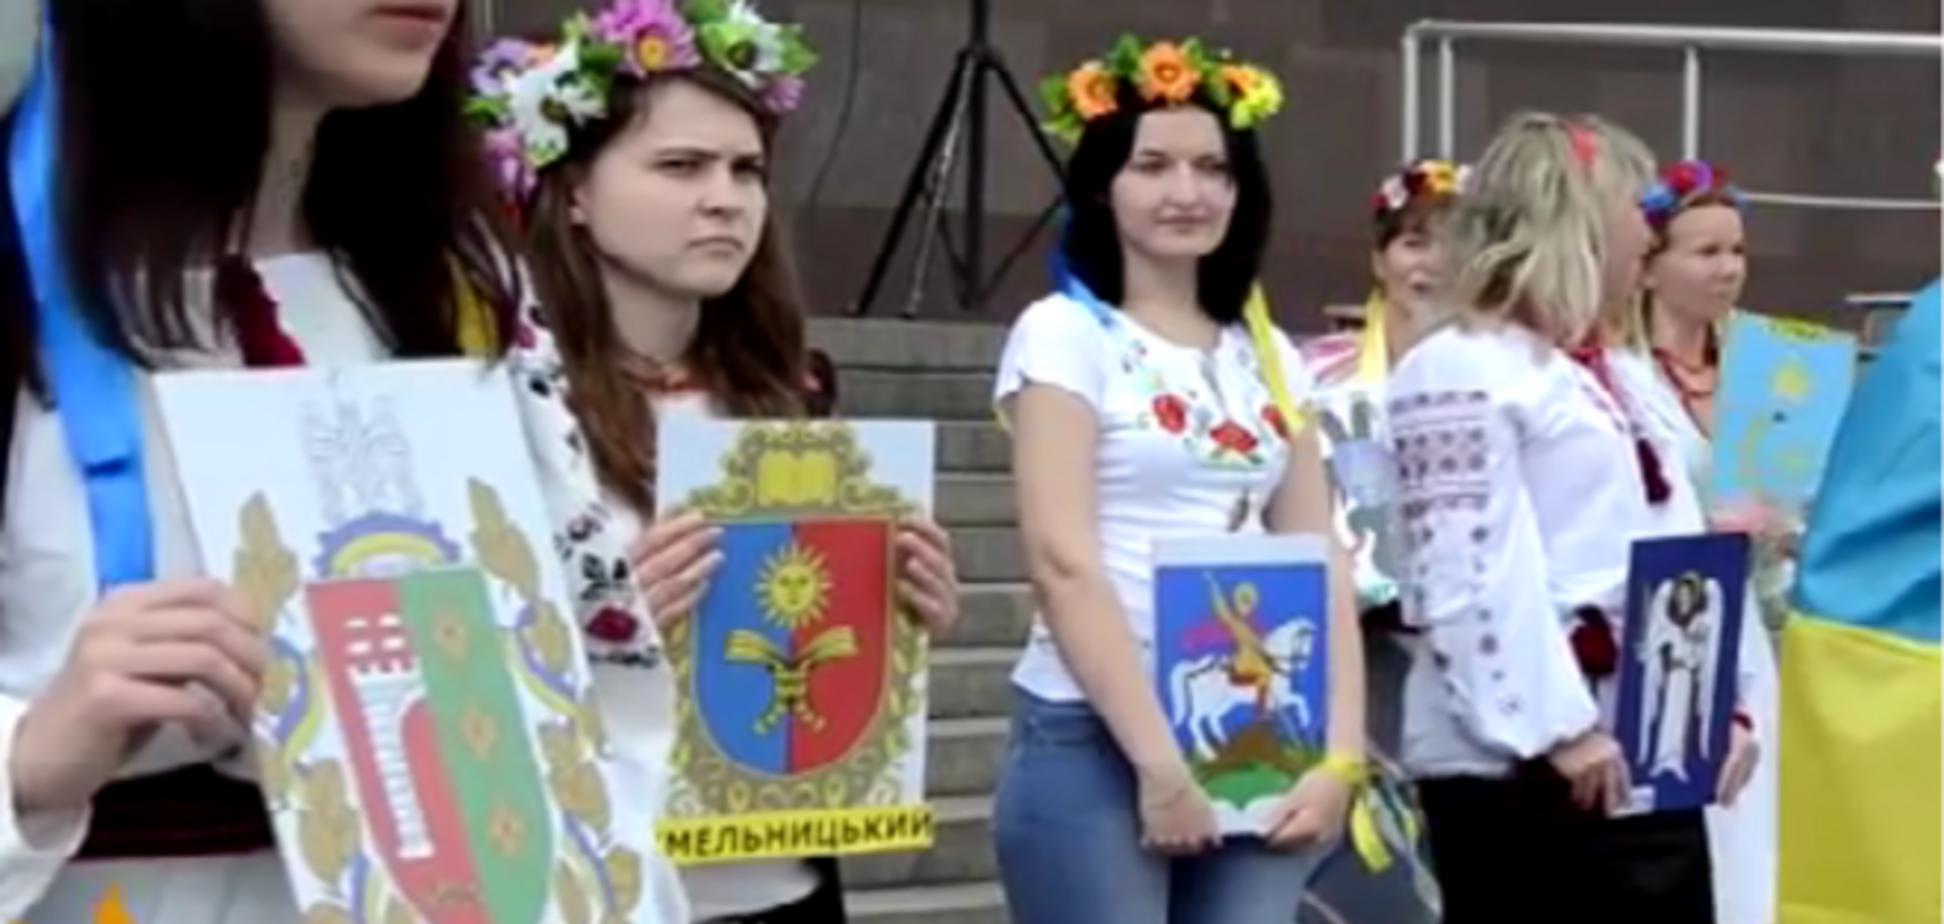 В Запорожье устроили флешмоб за единство Украины